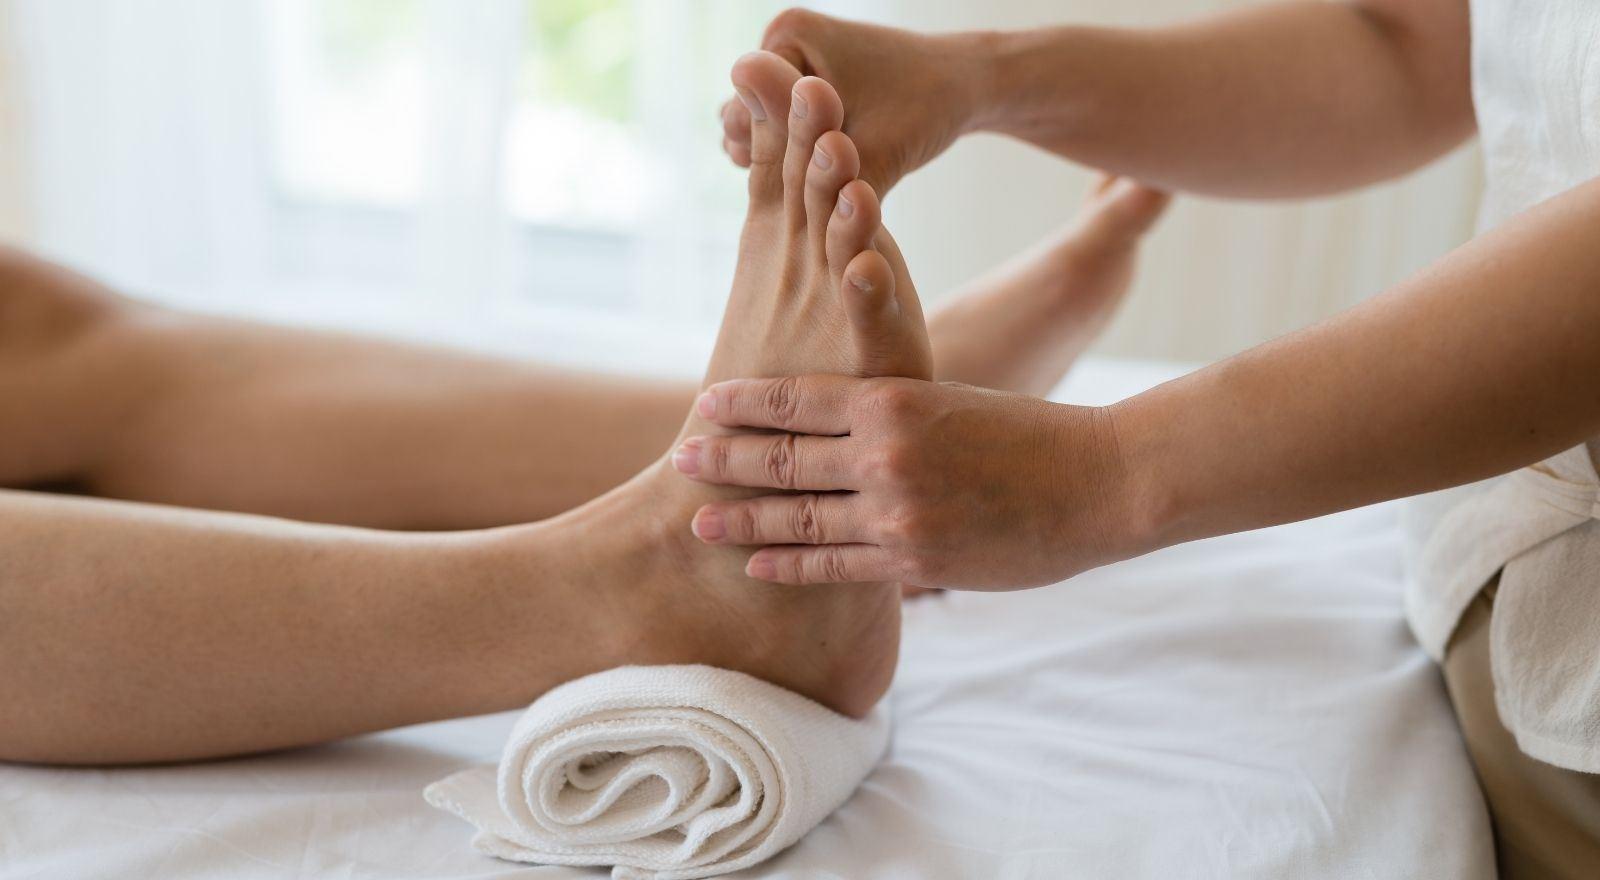 Masseur geeft massage aan cliënt volgens de vaardigheden uit het studiepakket Massage- en voetreflextherapeut